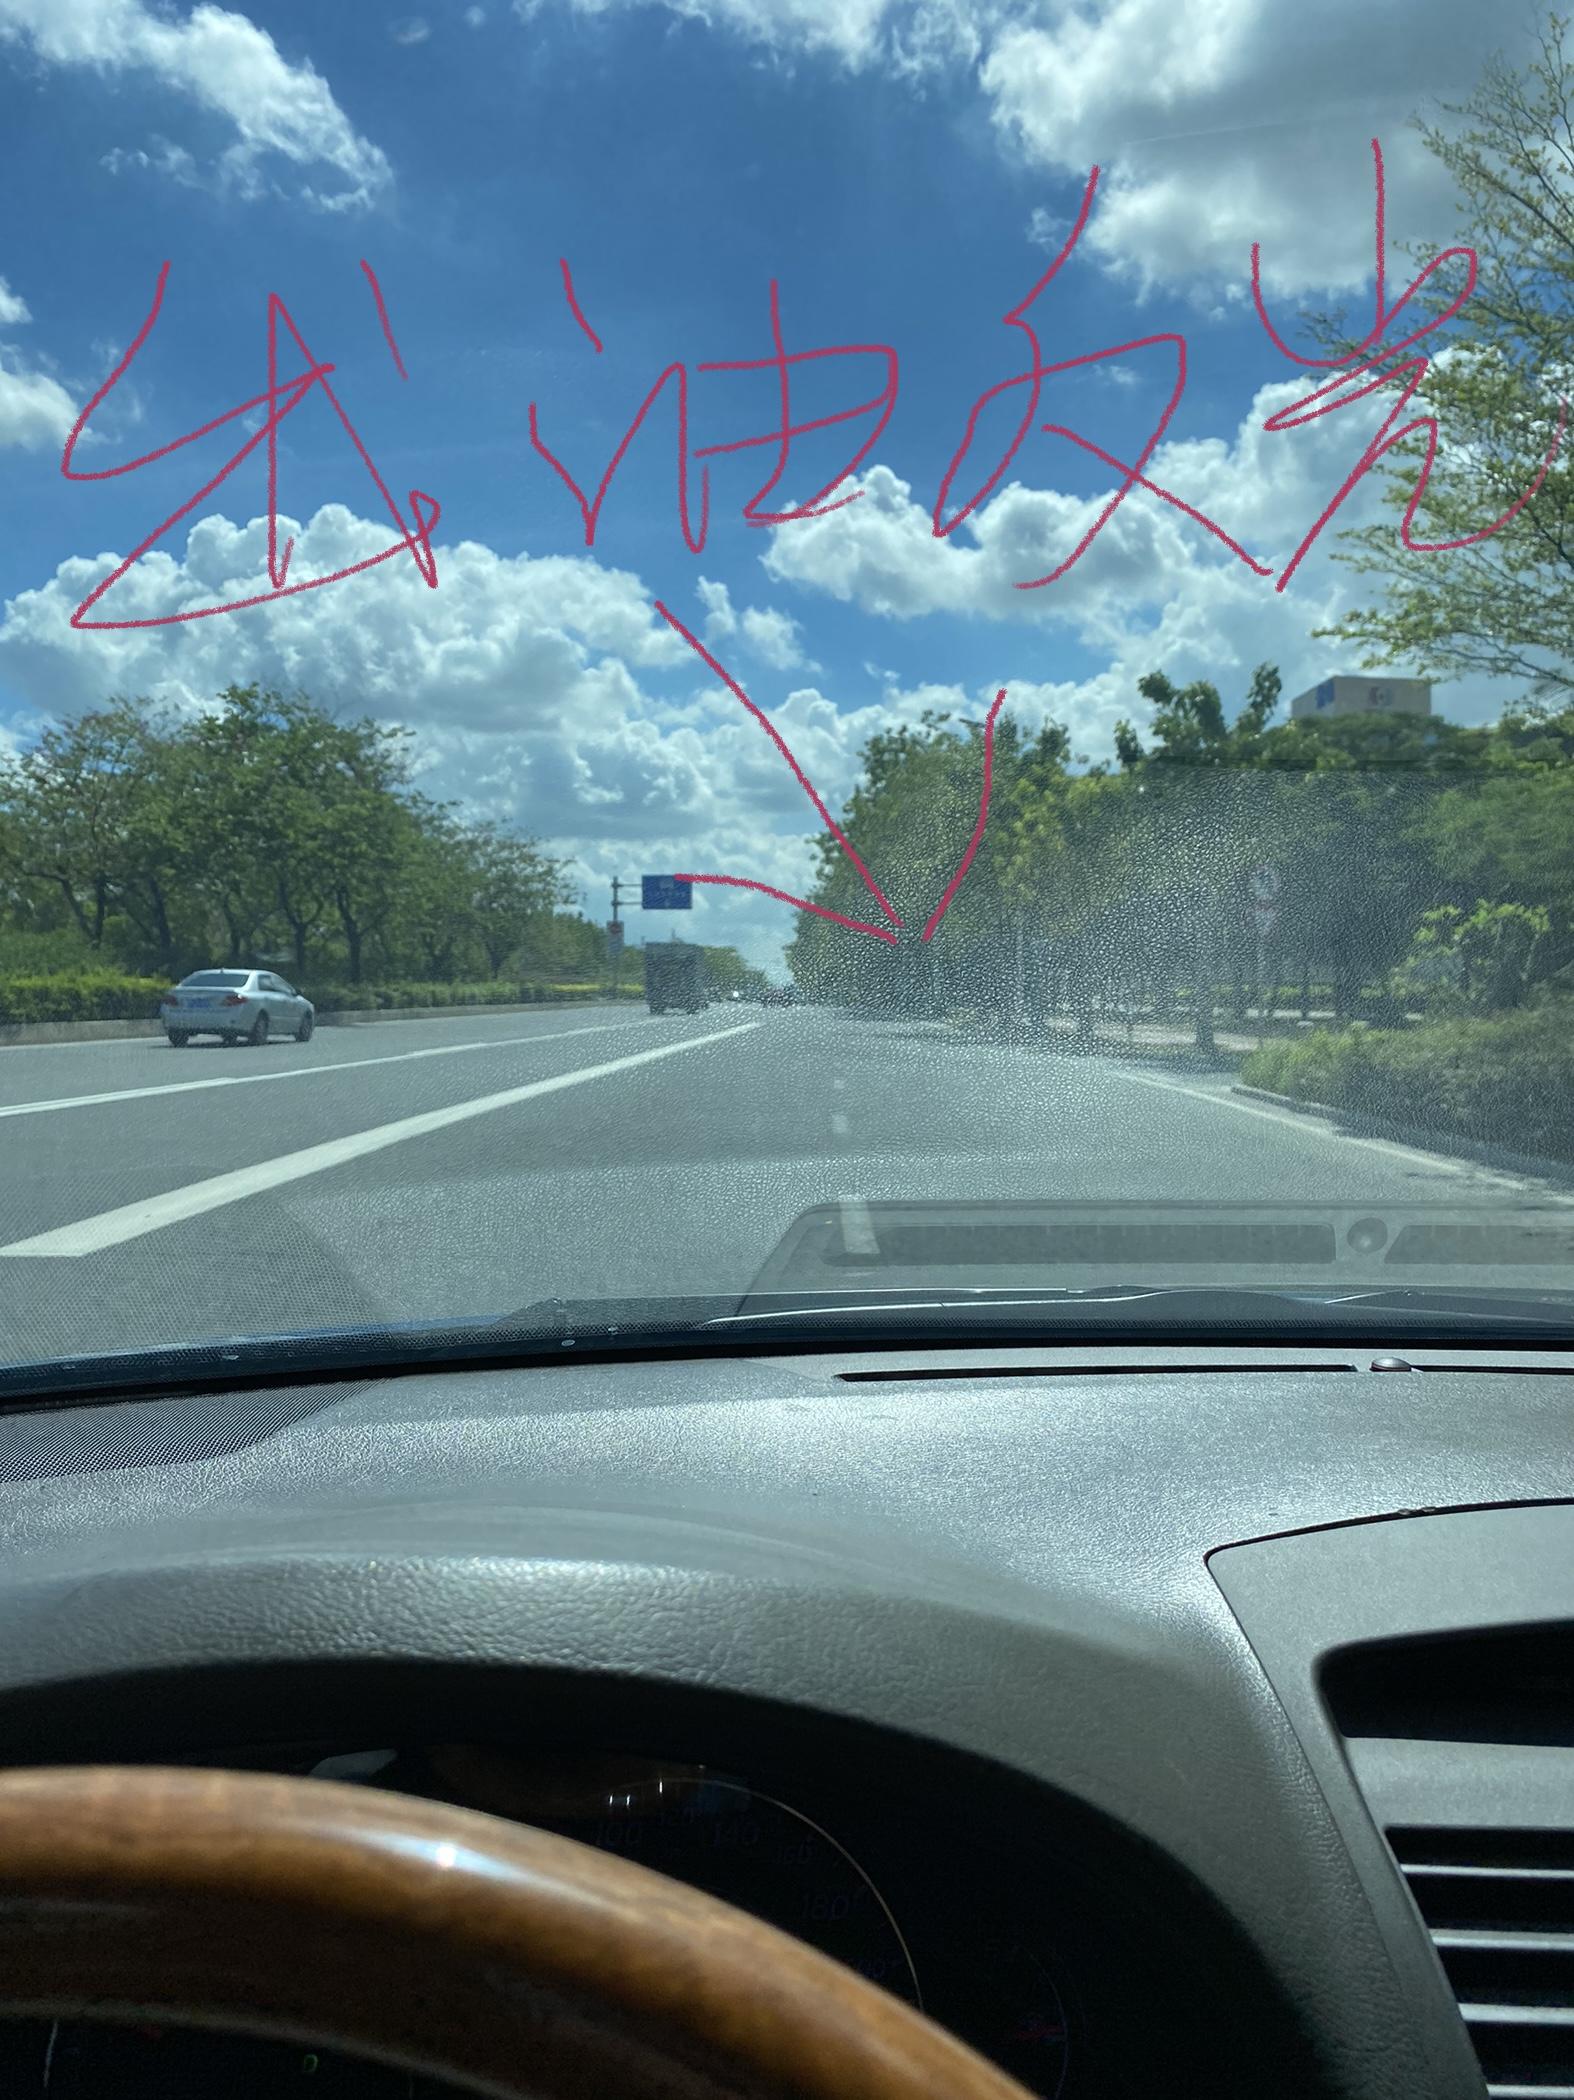 丰田-凯美瑞,仪表台出油反光,倒影在前挡玻璃。